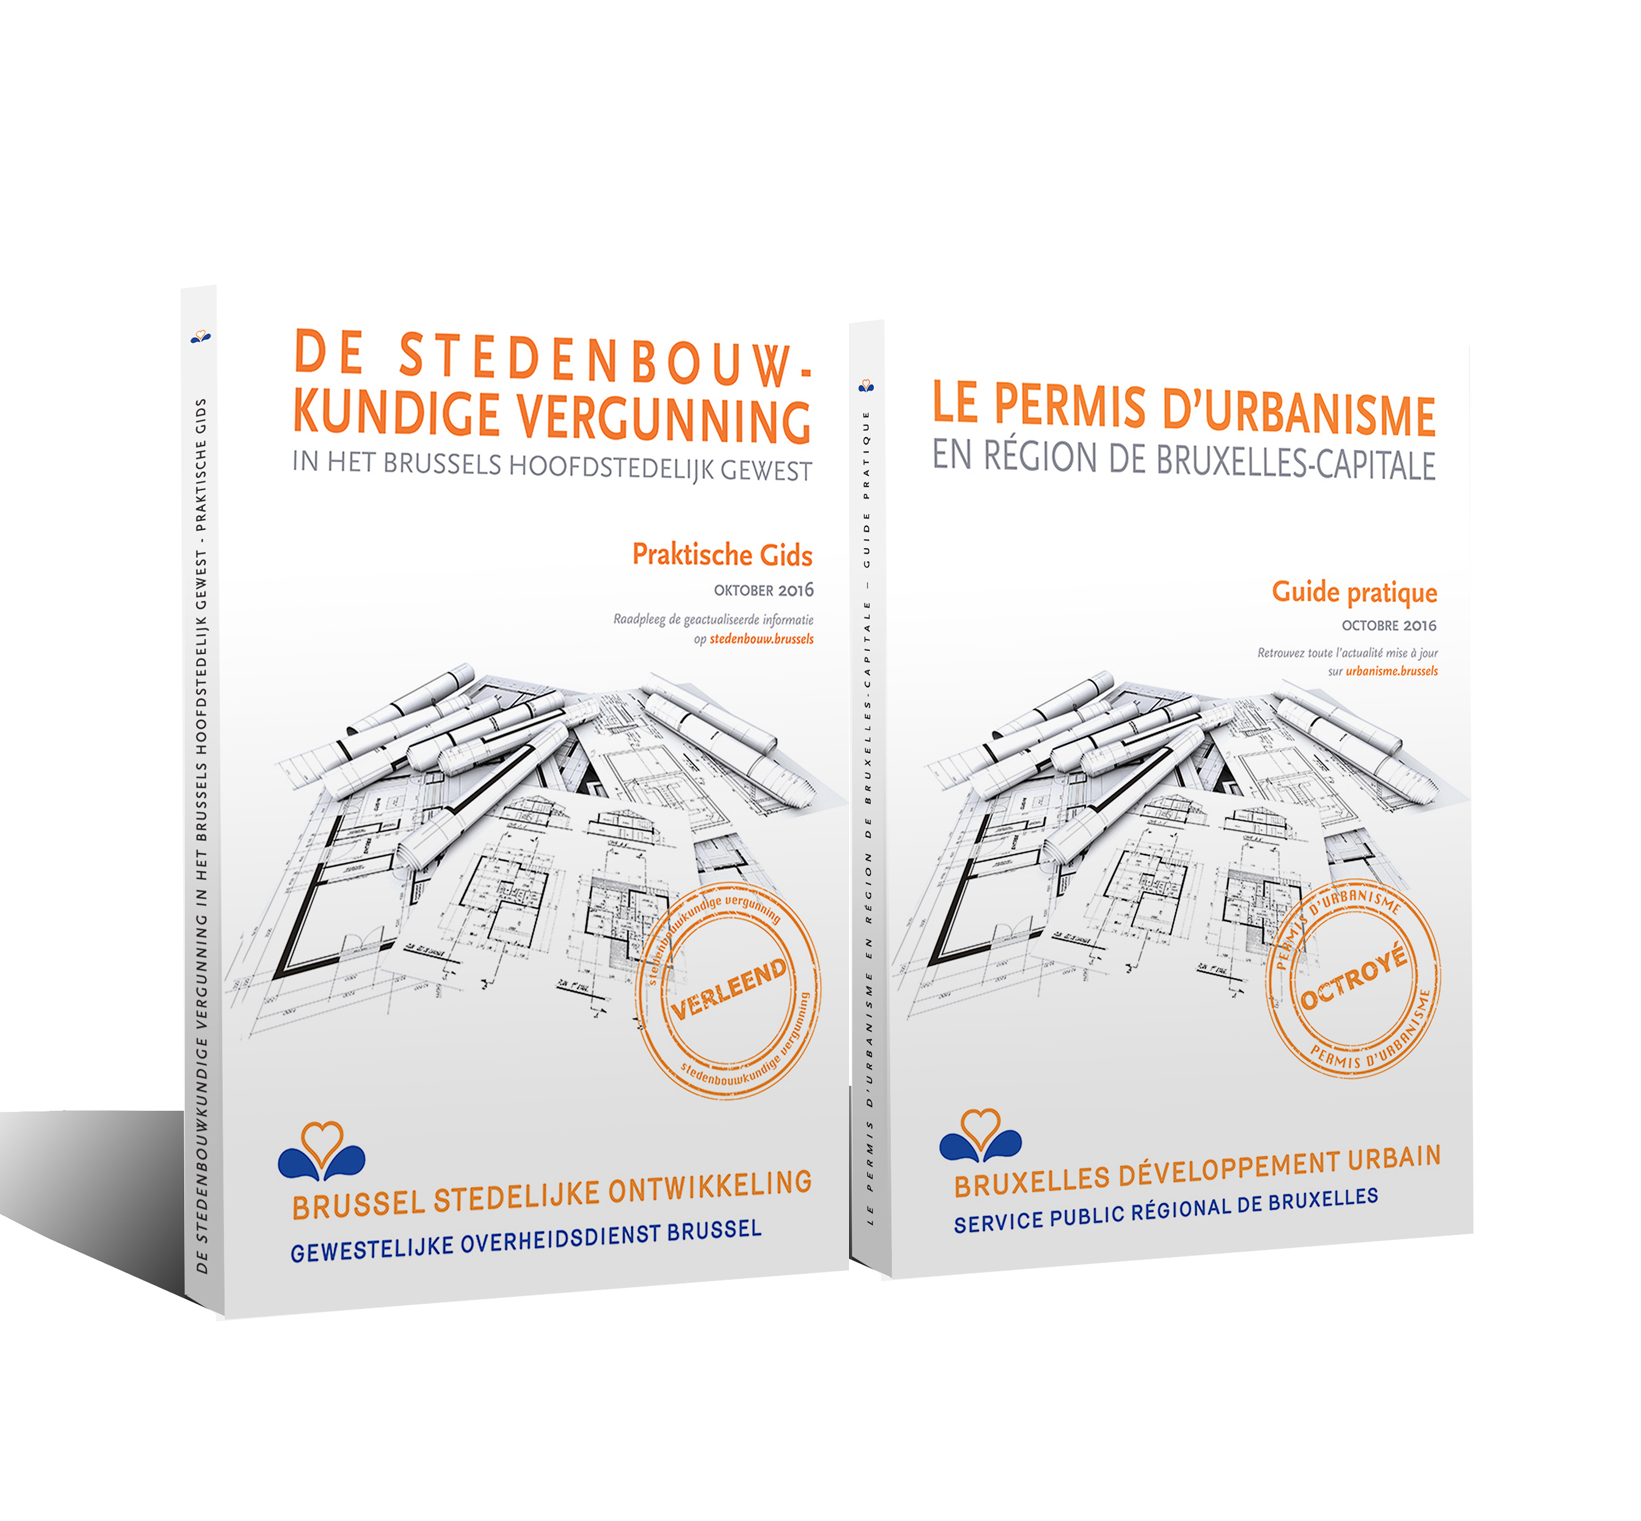 Guide pratique du permis d'urbanisme - édition octobre 2016